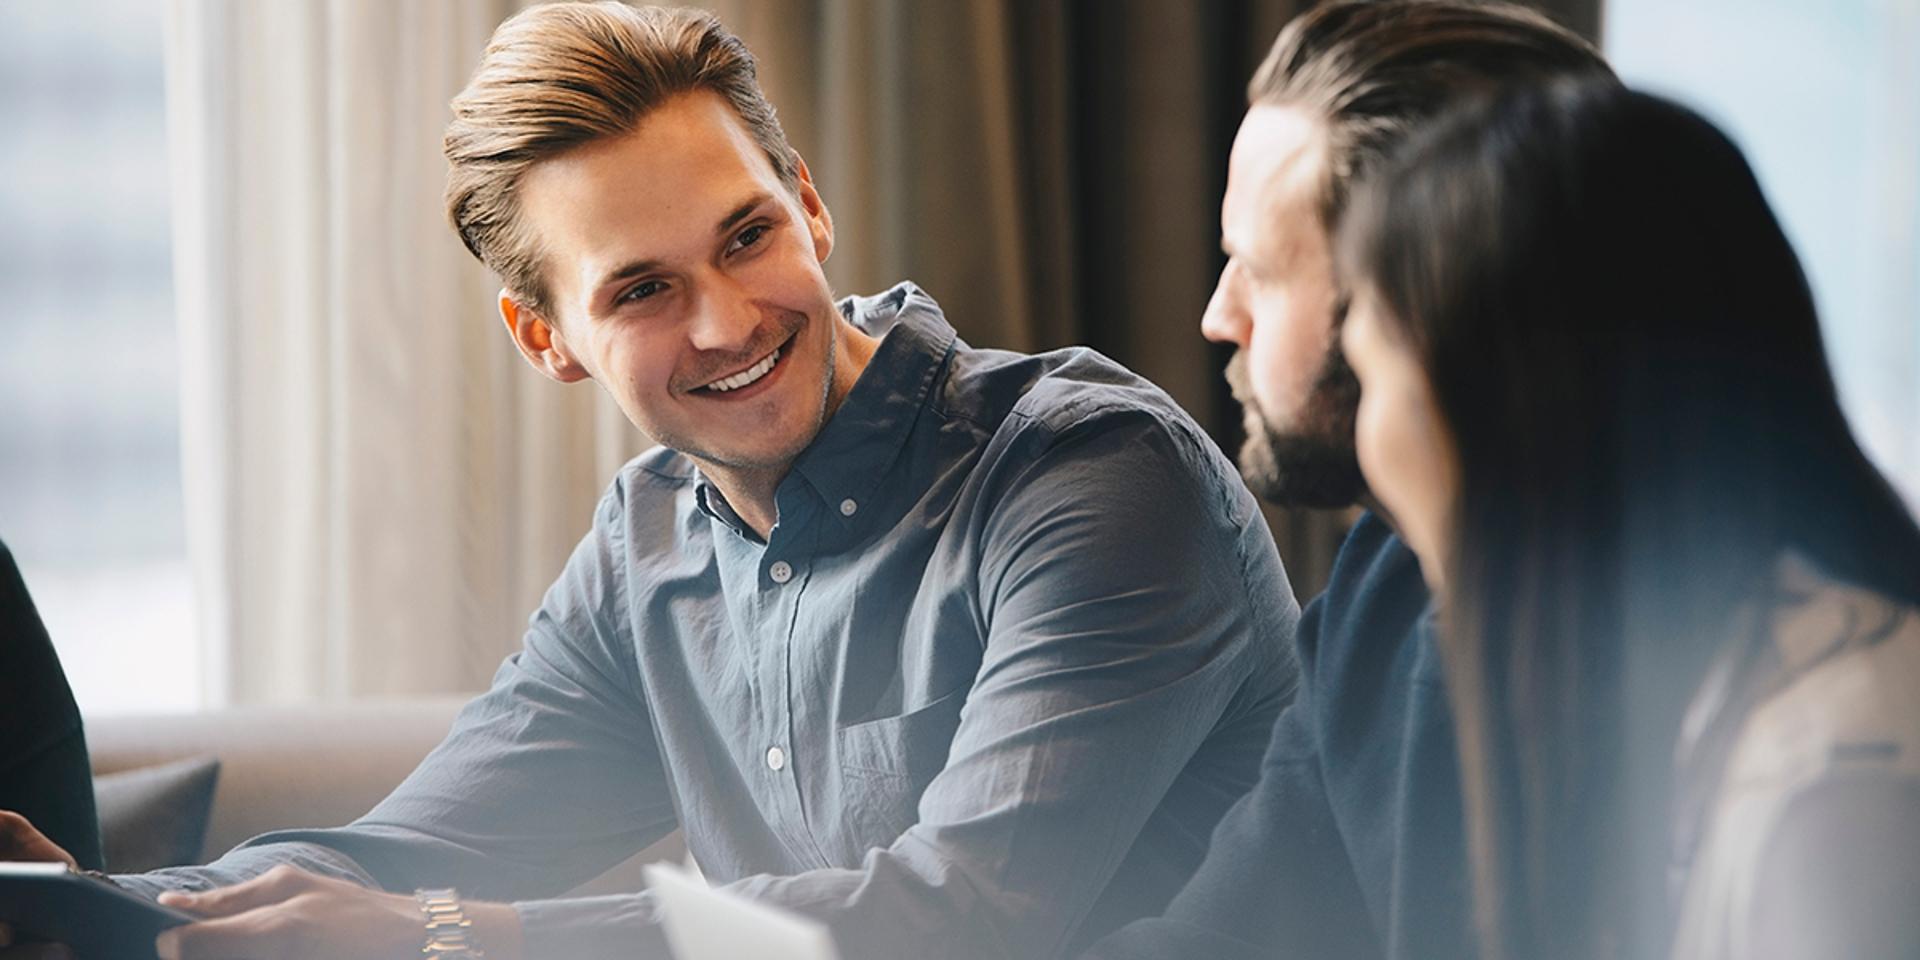 Besoin de compétences Salesforce ? Nous formons vos consultants